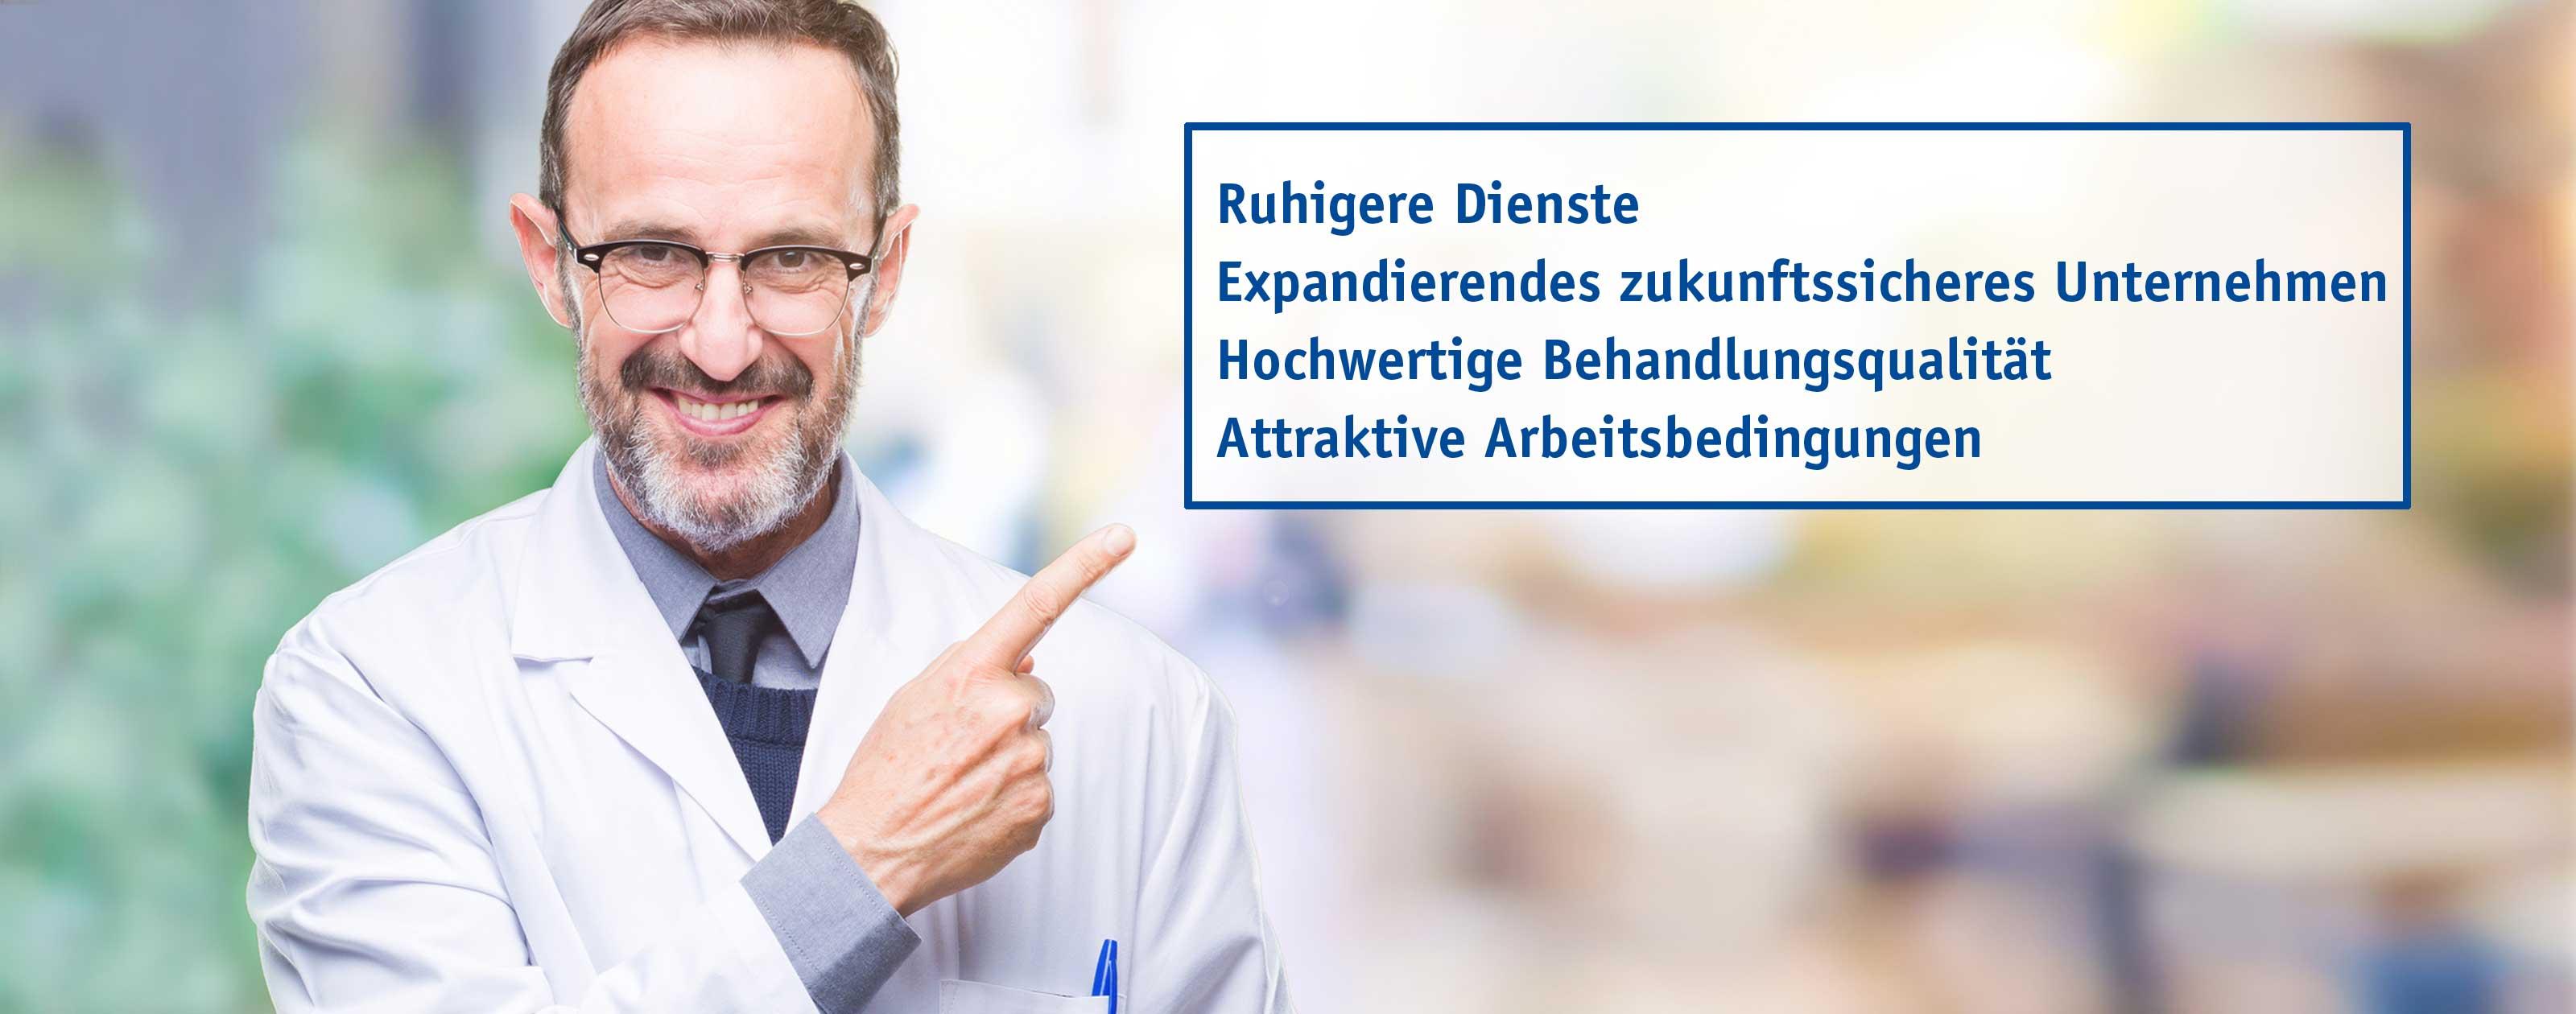 Meinestadt Arzt NEXUS Desktop